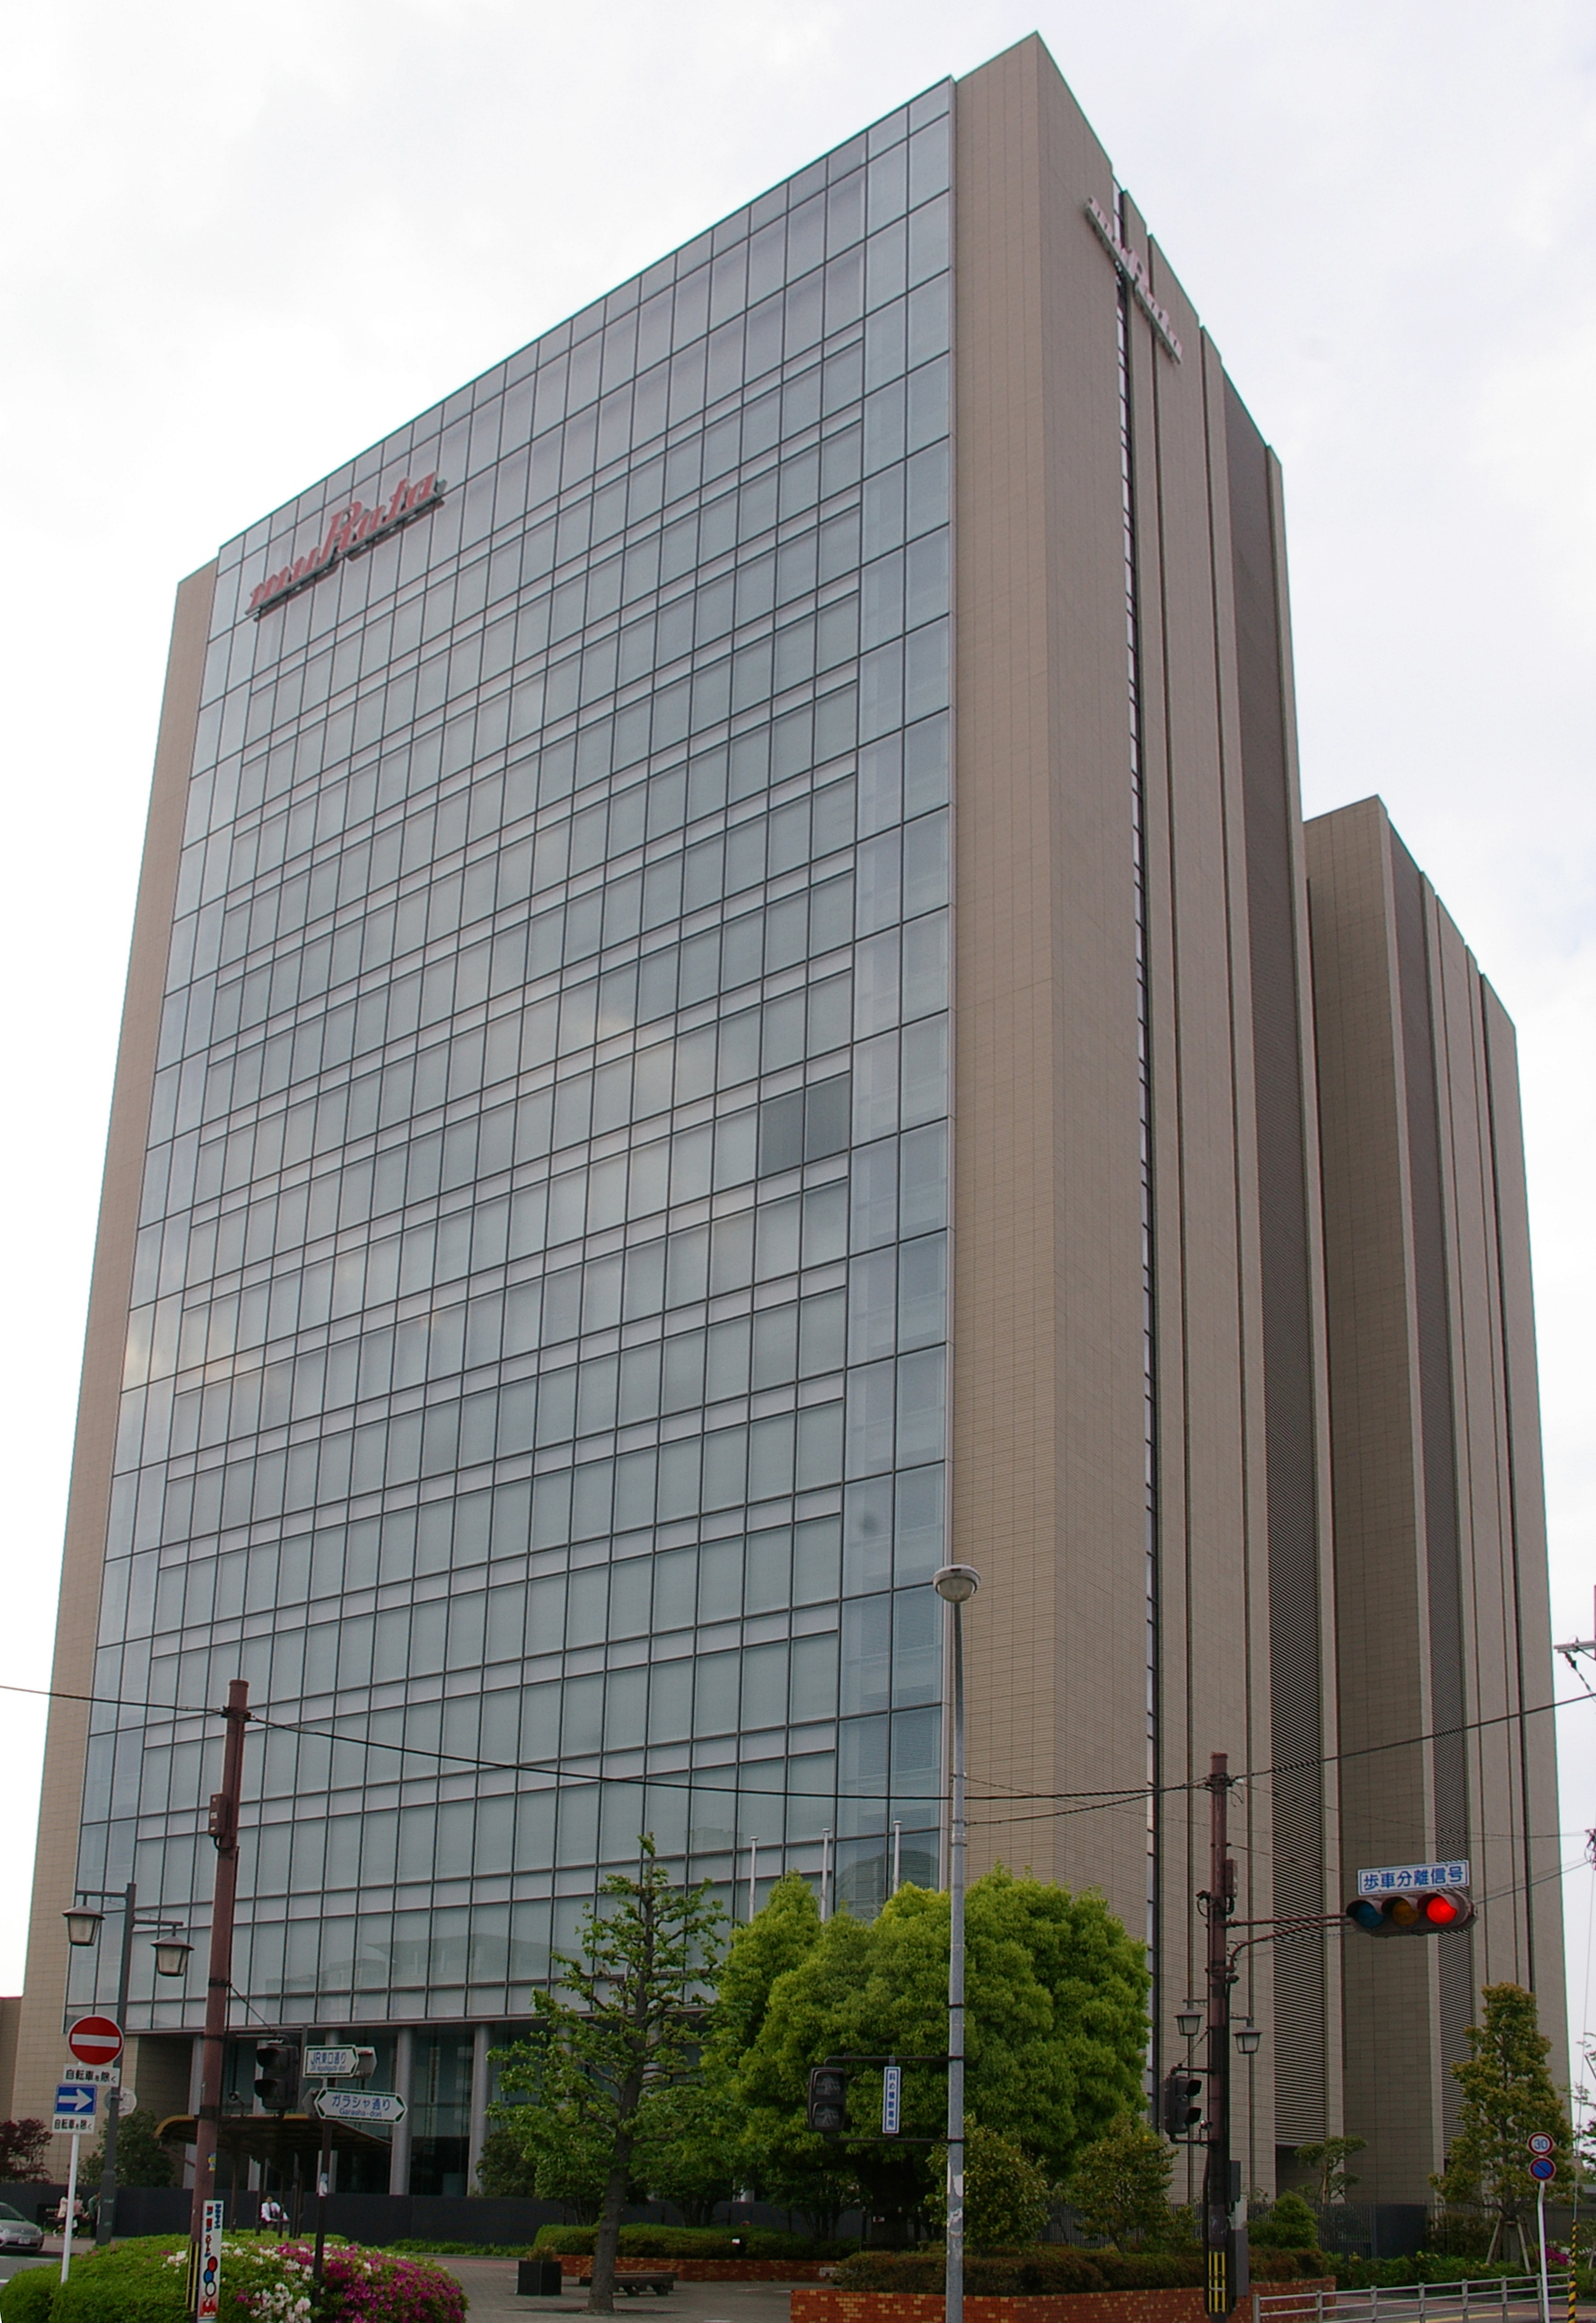 Murata Manufacturing - Wikipedia